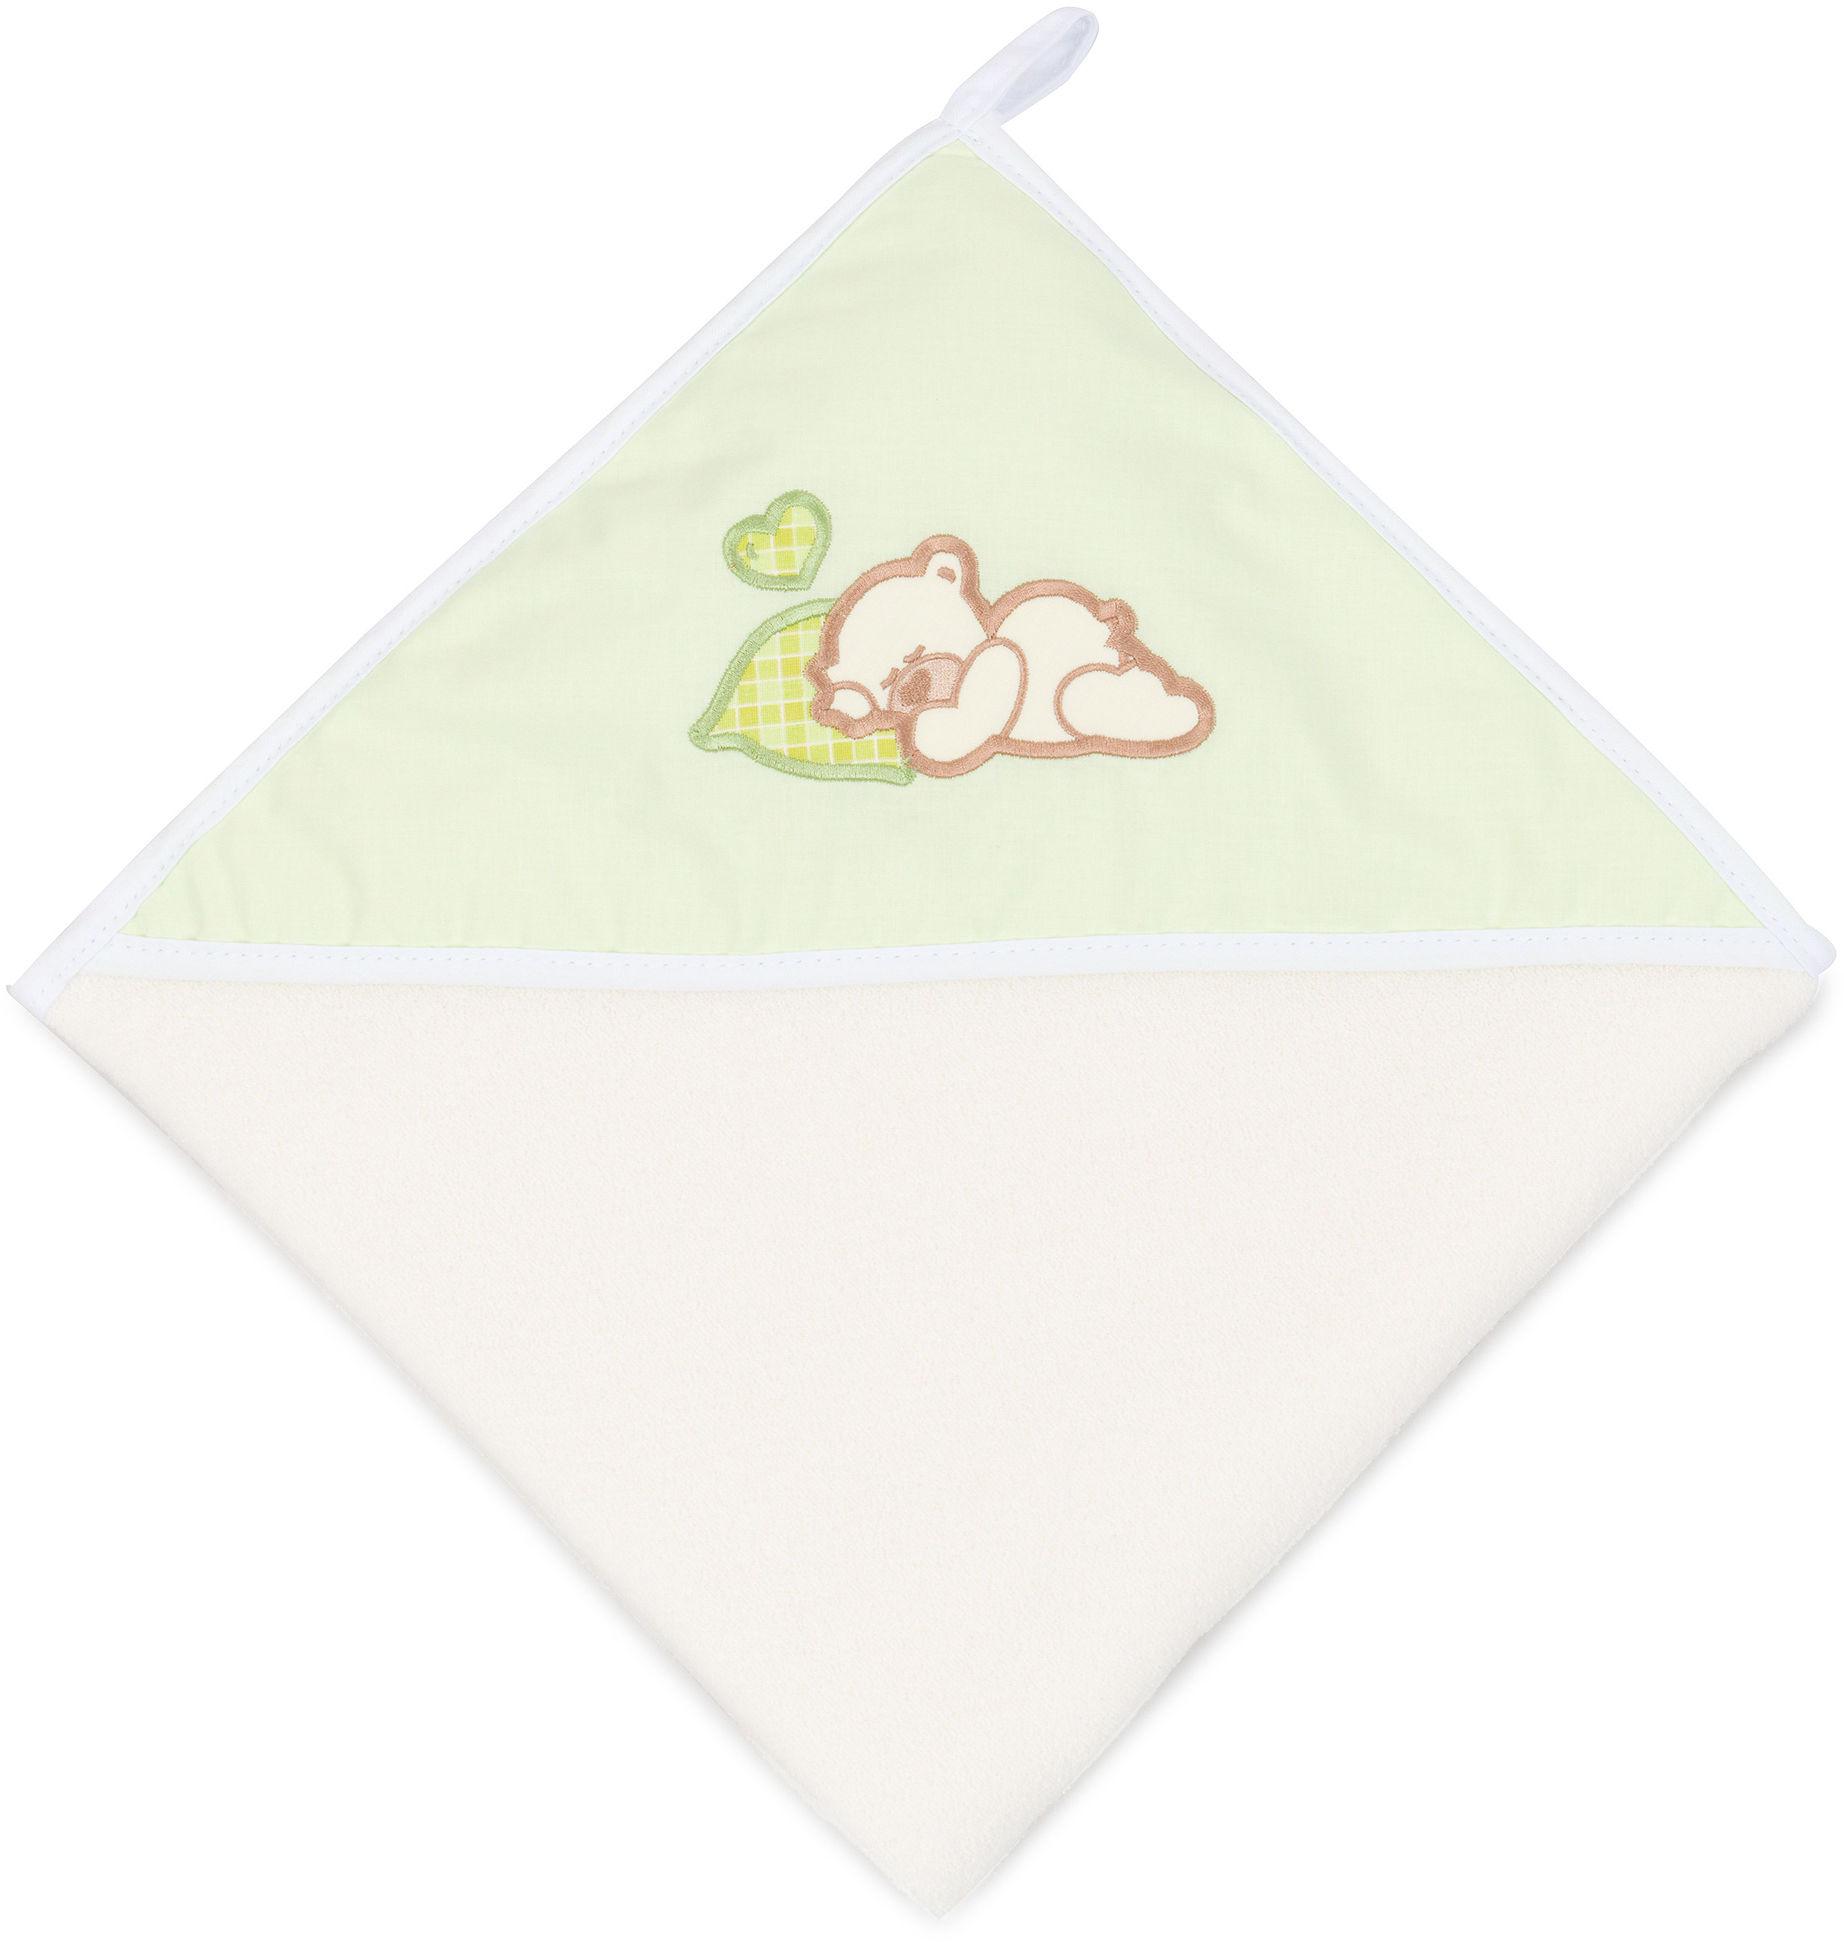 MAMO-TATO Okrycie Kąpielowe z haftem Śpiący miś w zieleni / ecru